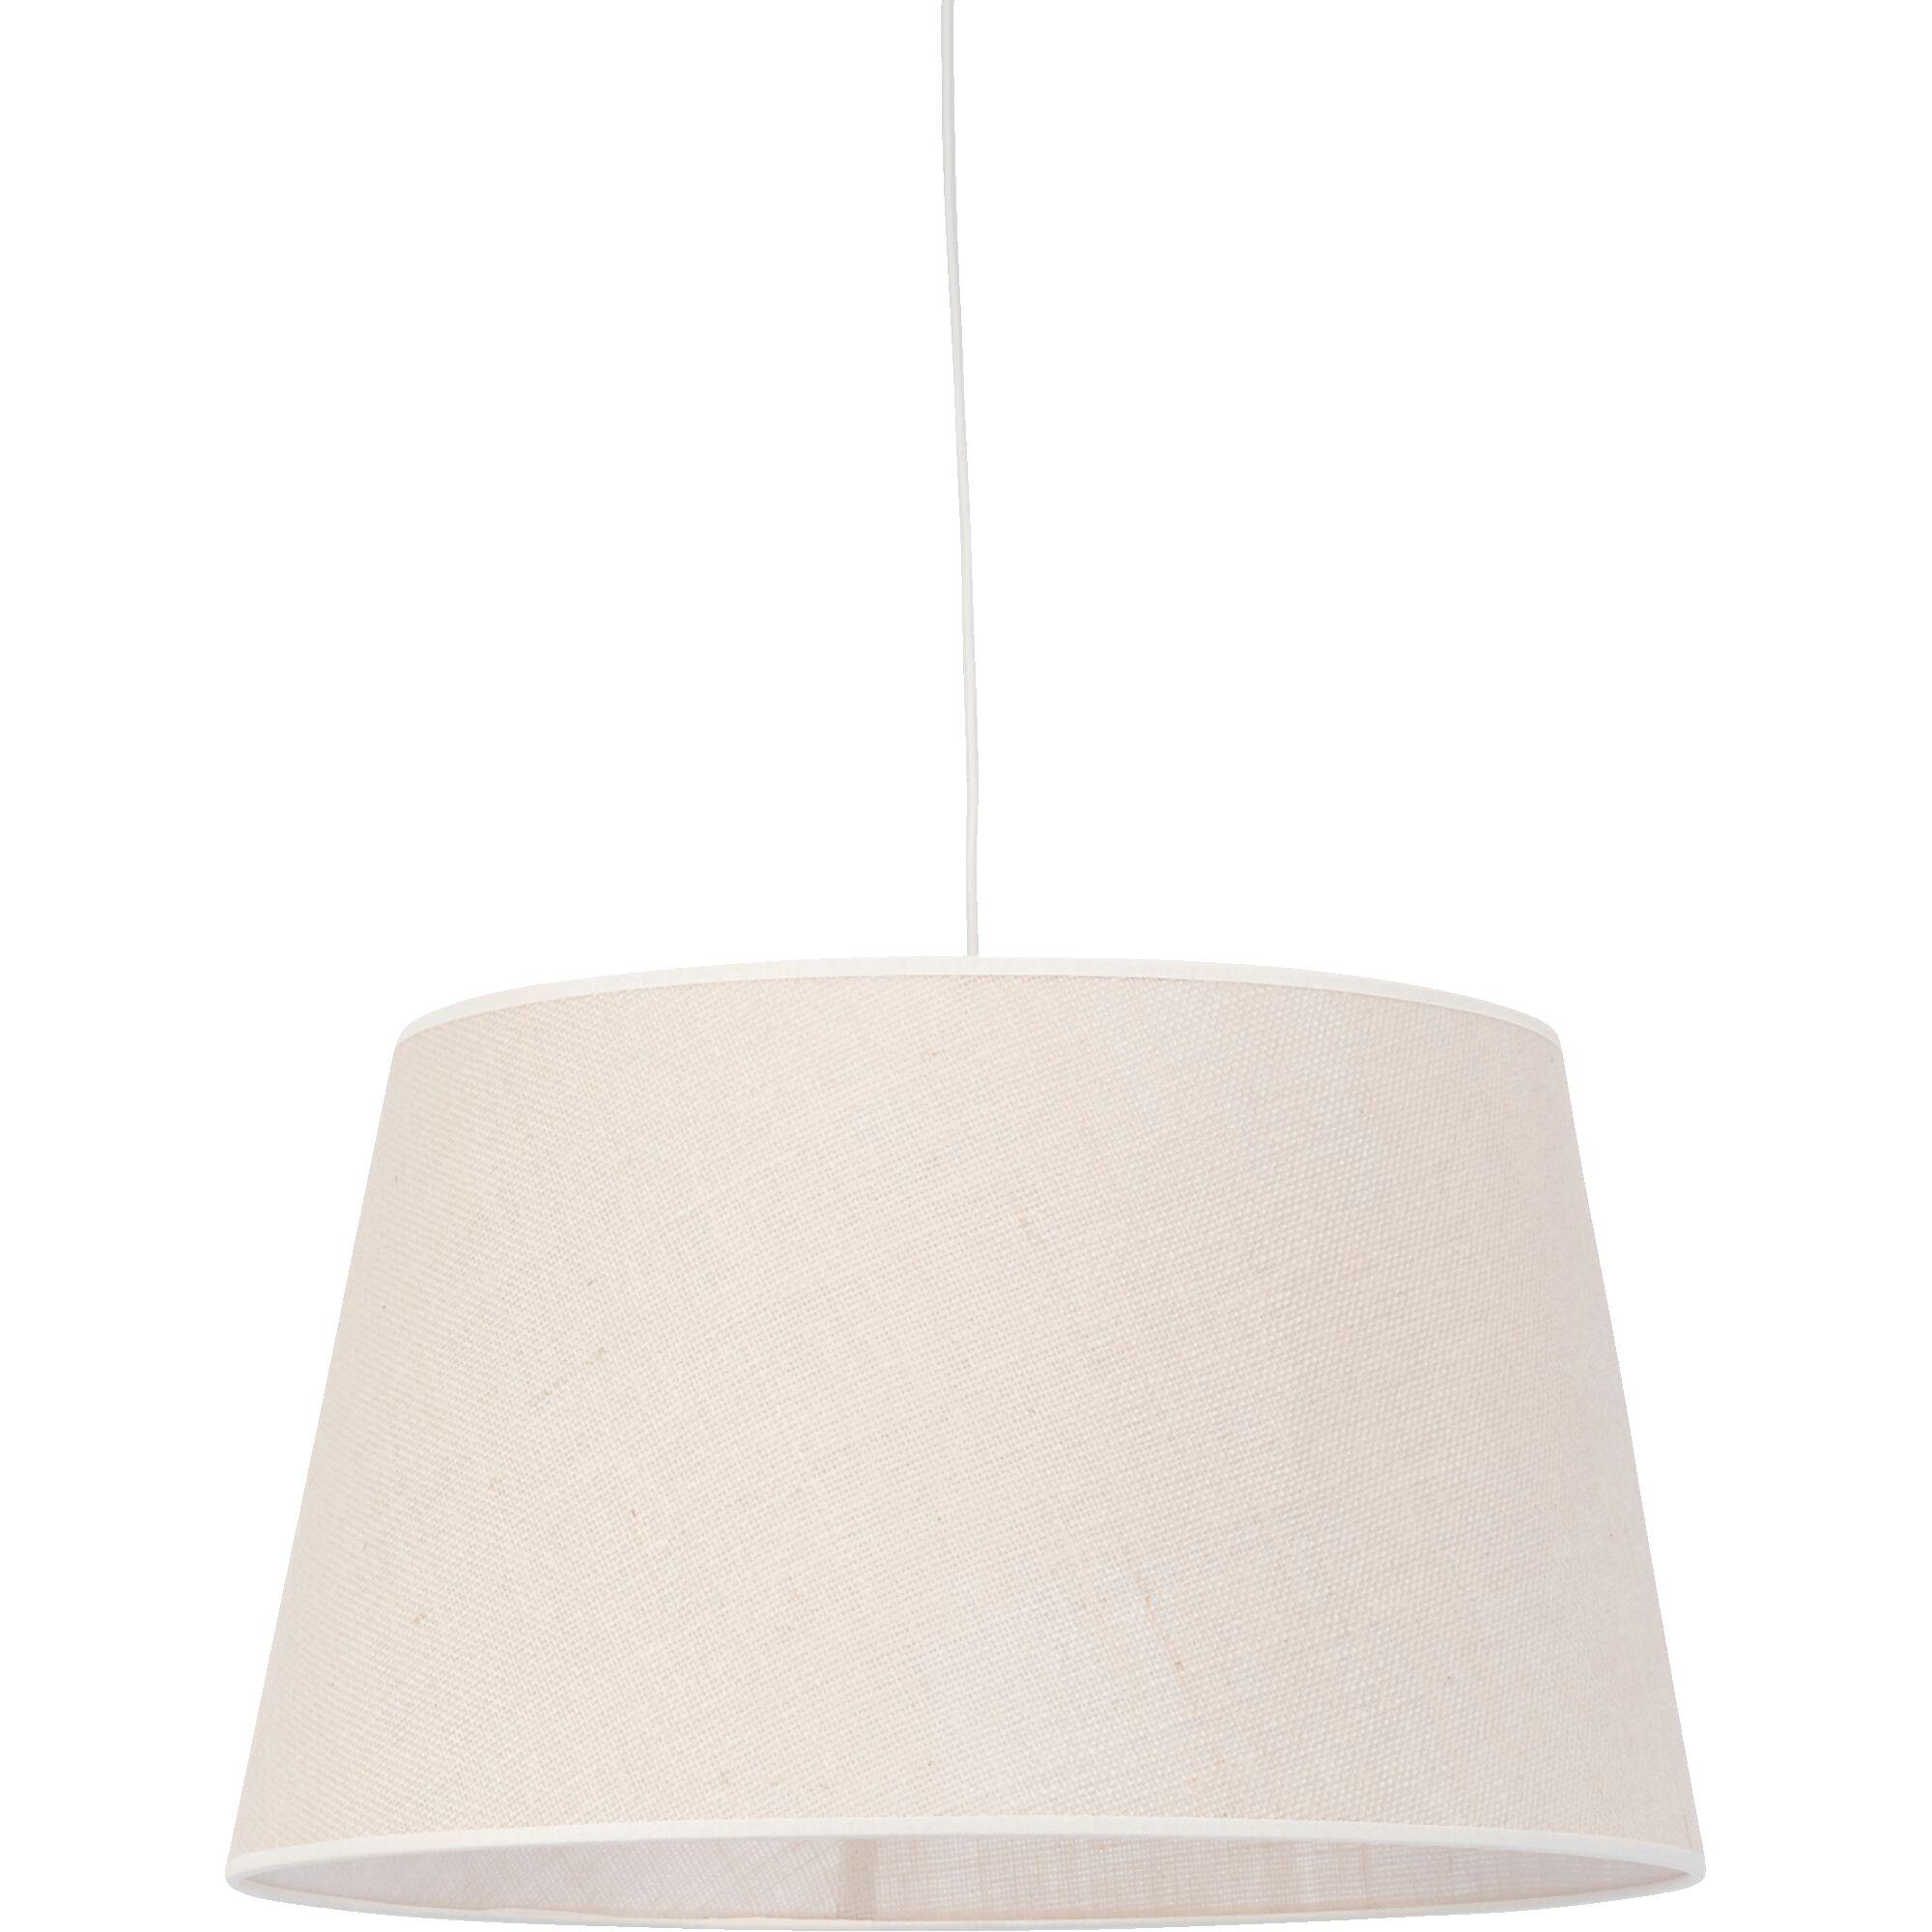 Abat-jour en jute - D45x25cm blanc écru-TRIX